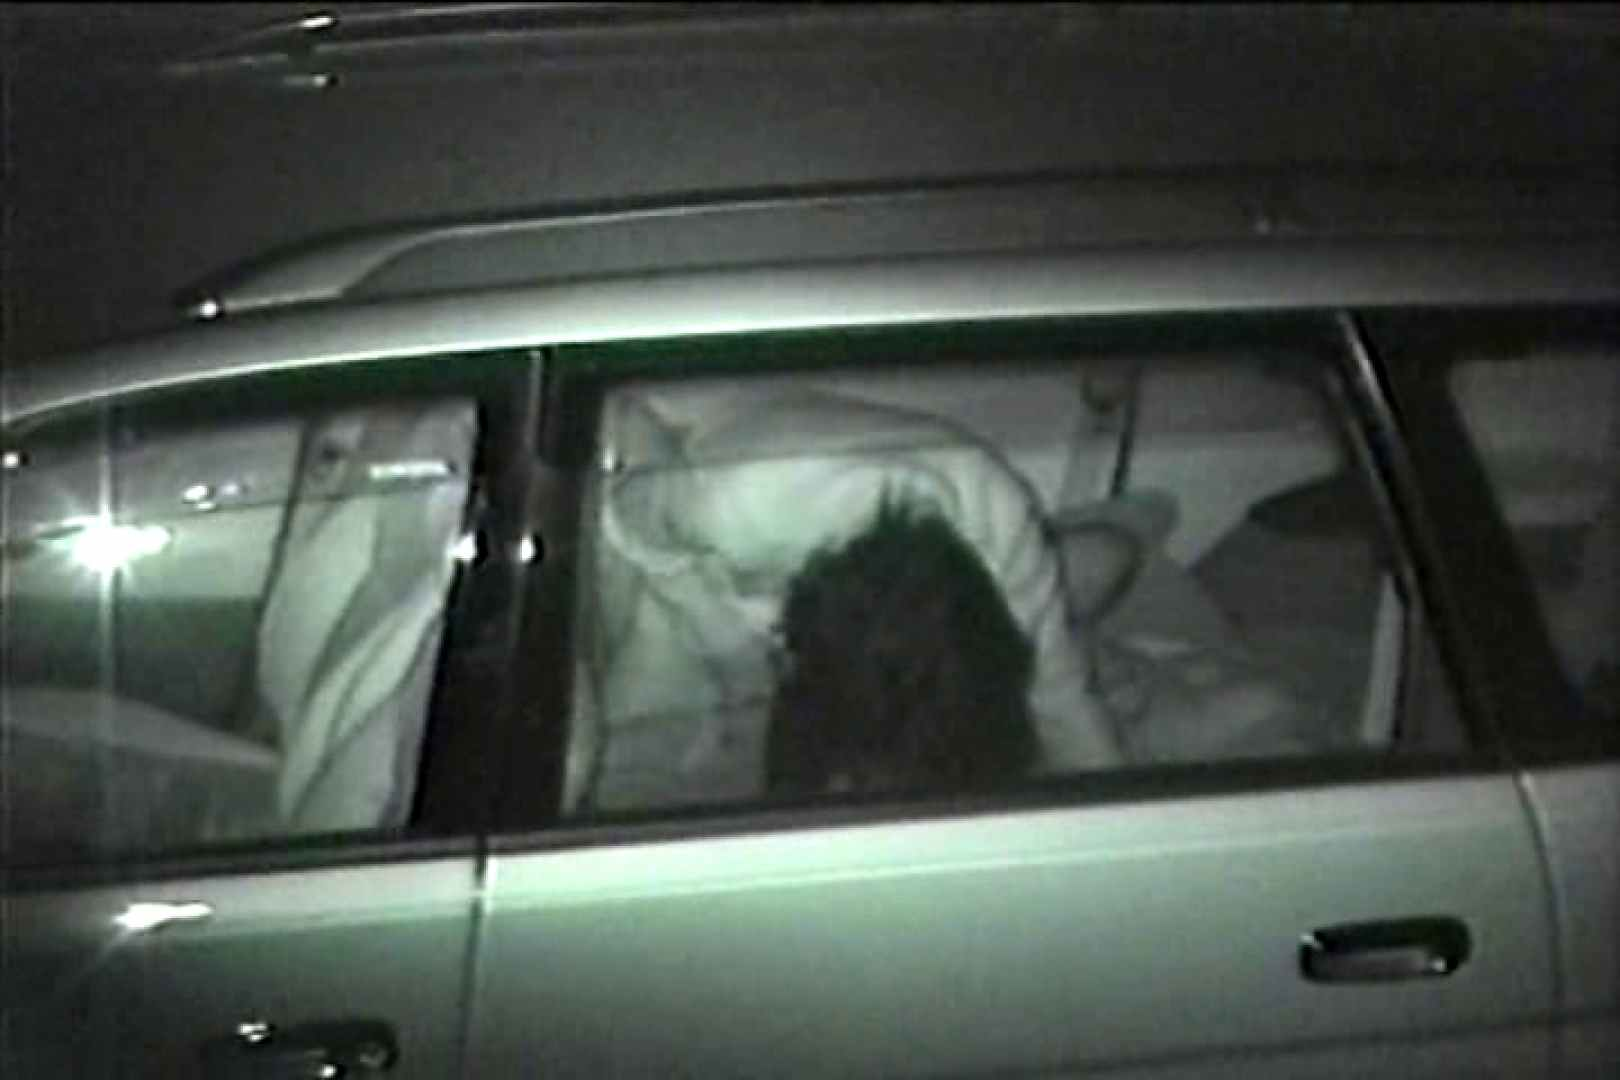 車の中はラブホテル 無修正版  Vol.7 ホテル SEX無修正画像 81pic 60